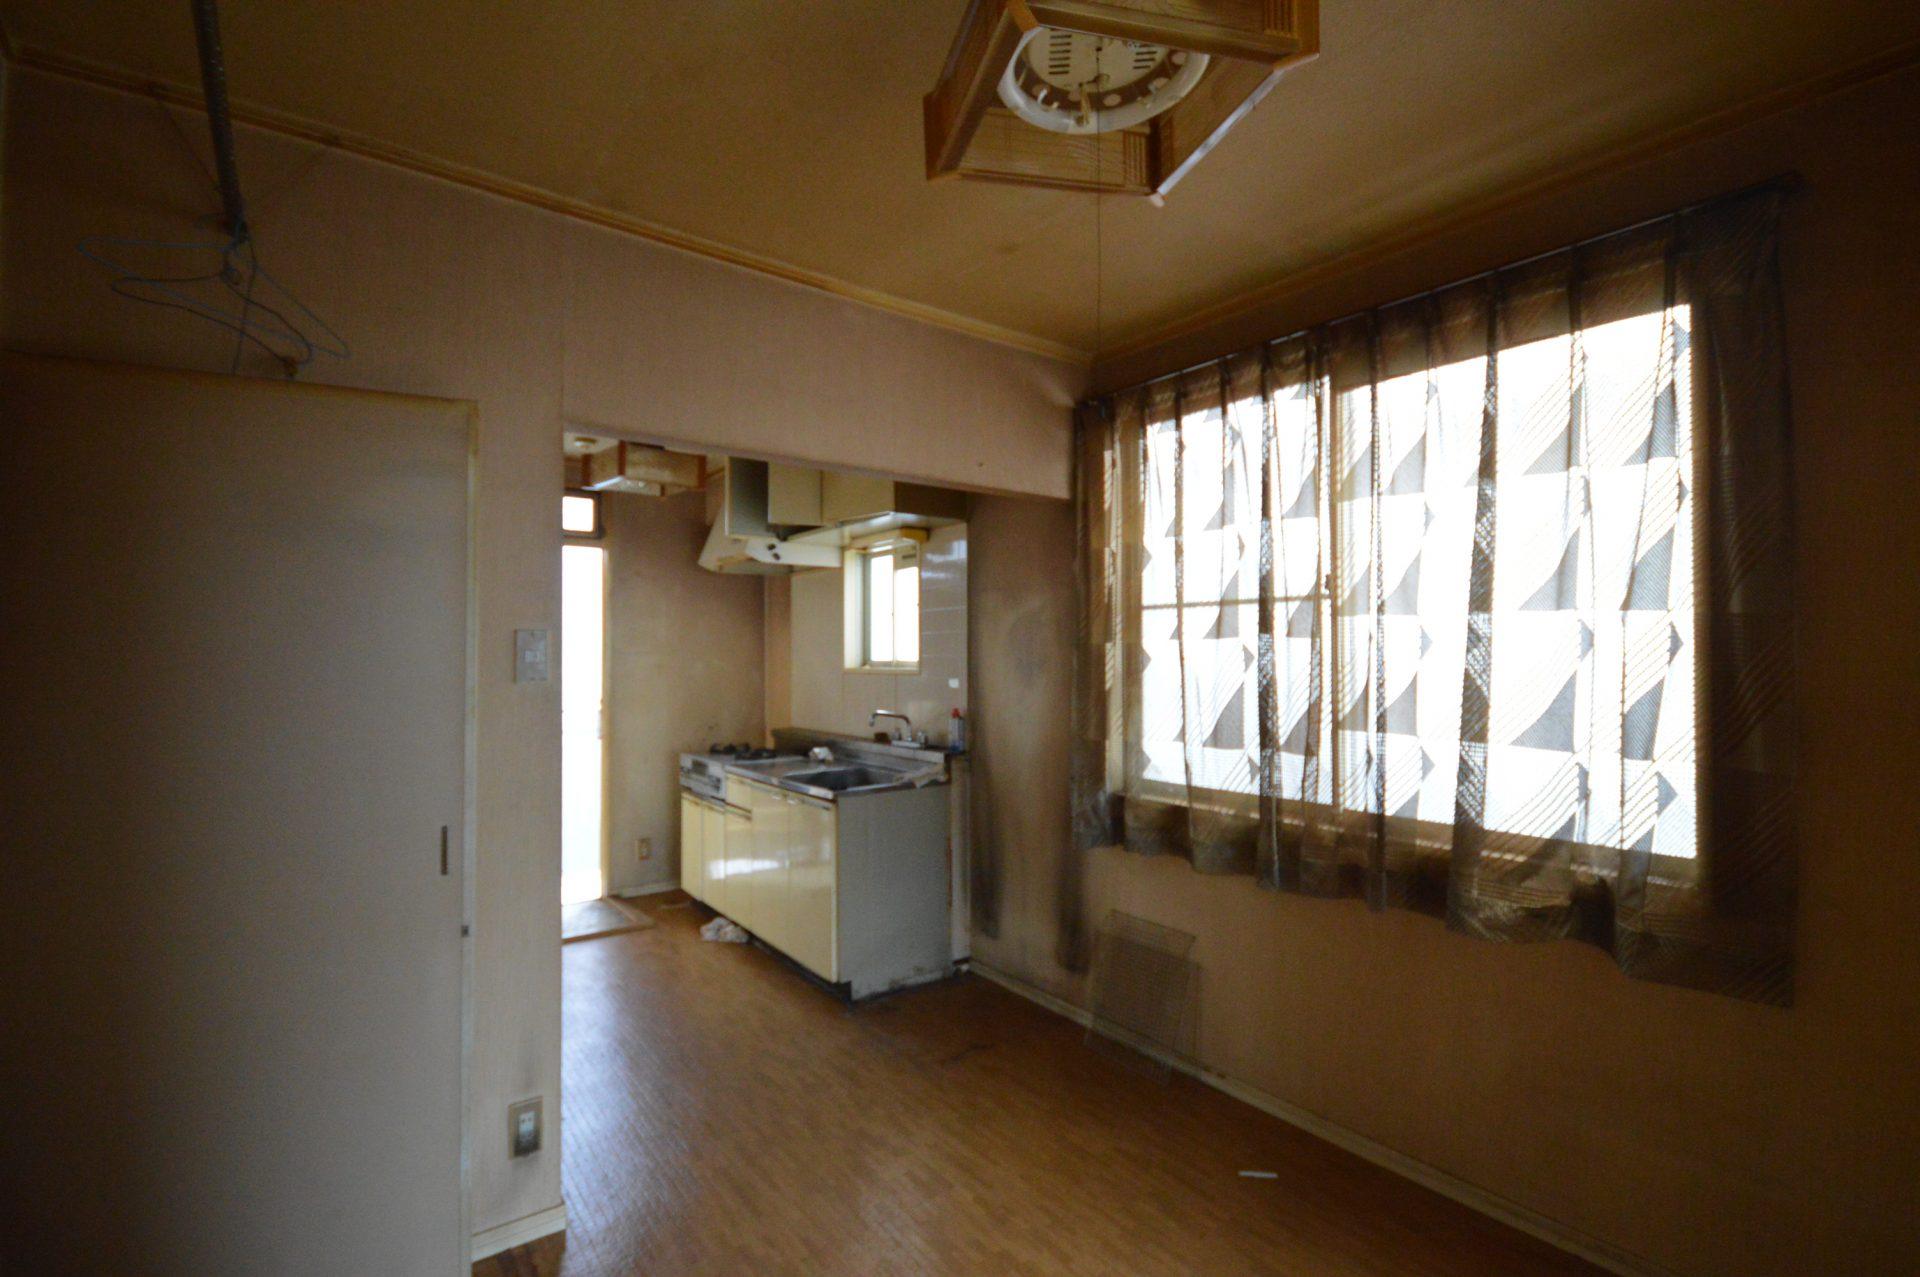 After :居間からキッチンを見る